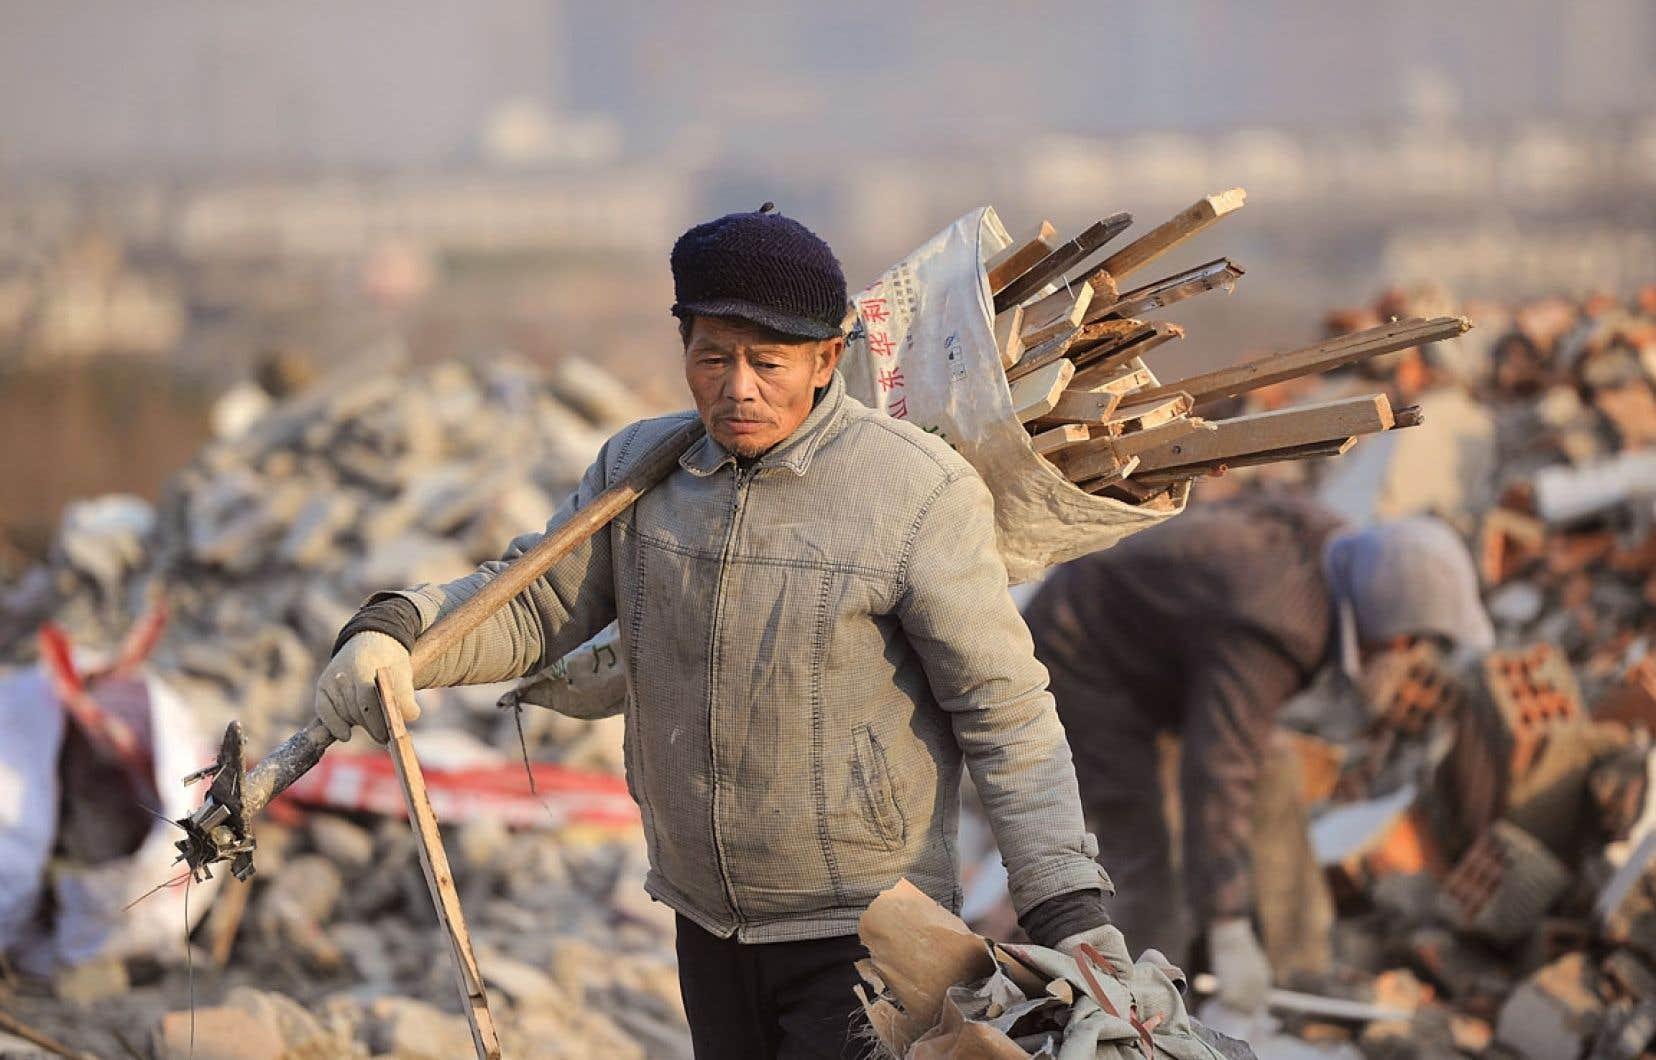 Un homme récolte les rebus d'un site de construction à Hefei. La Chine affichait en décembre dernier un coefficient de 0,61, faisant du pays l'un des quinze plus inégalitaires du monde.